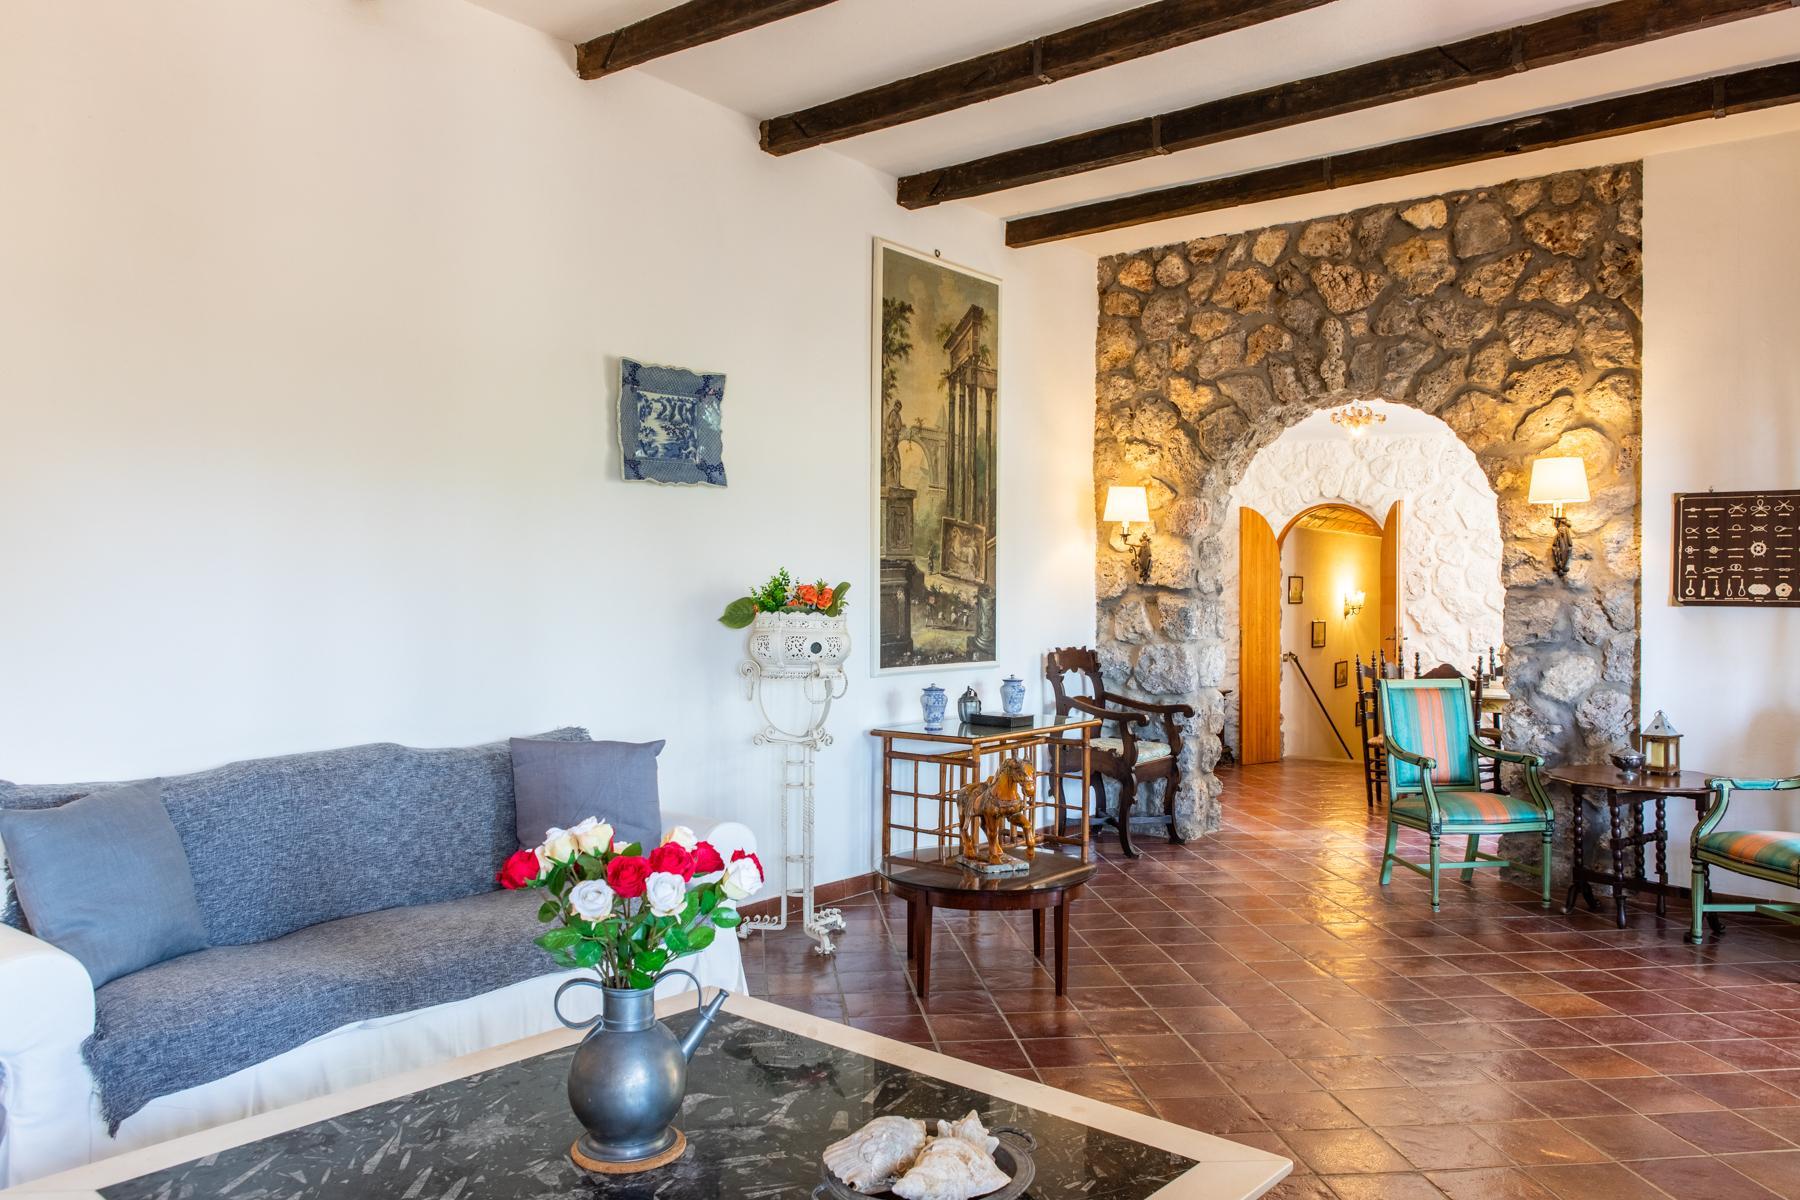 Wundeschöne Villa aus Stein in einzigartiger Umgebung - 14